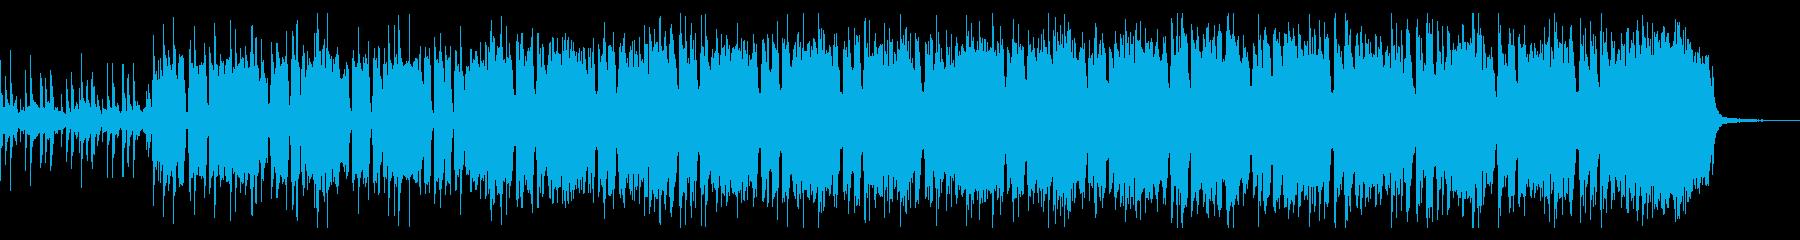 登山をイメージしたロックインストの再生済みの波形